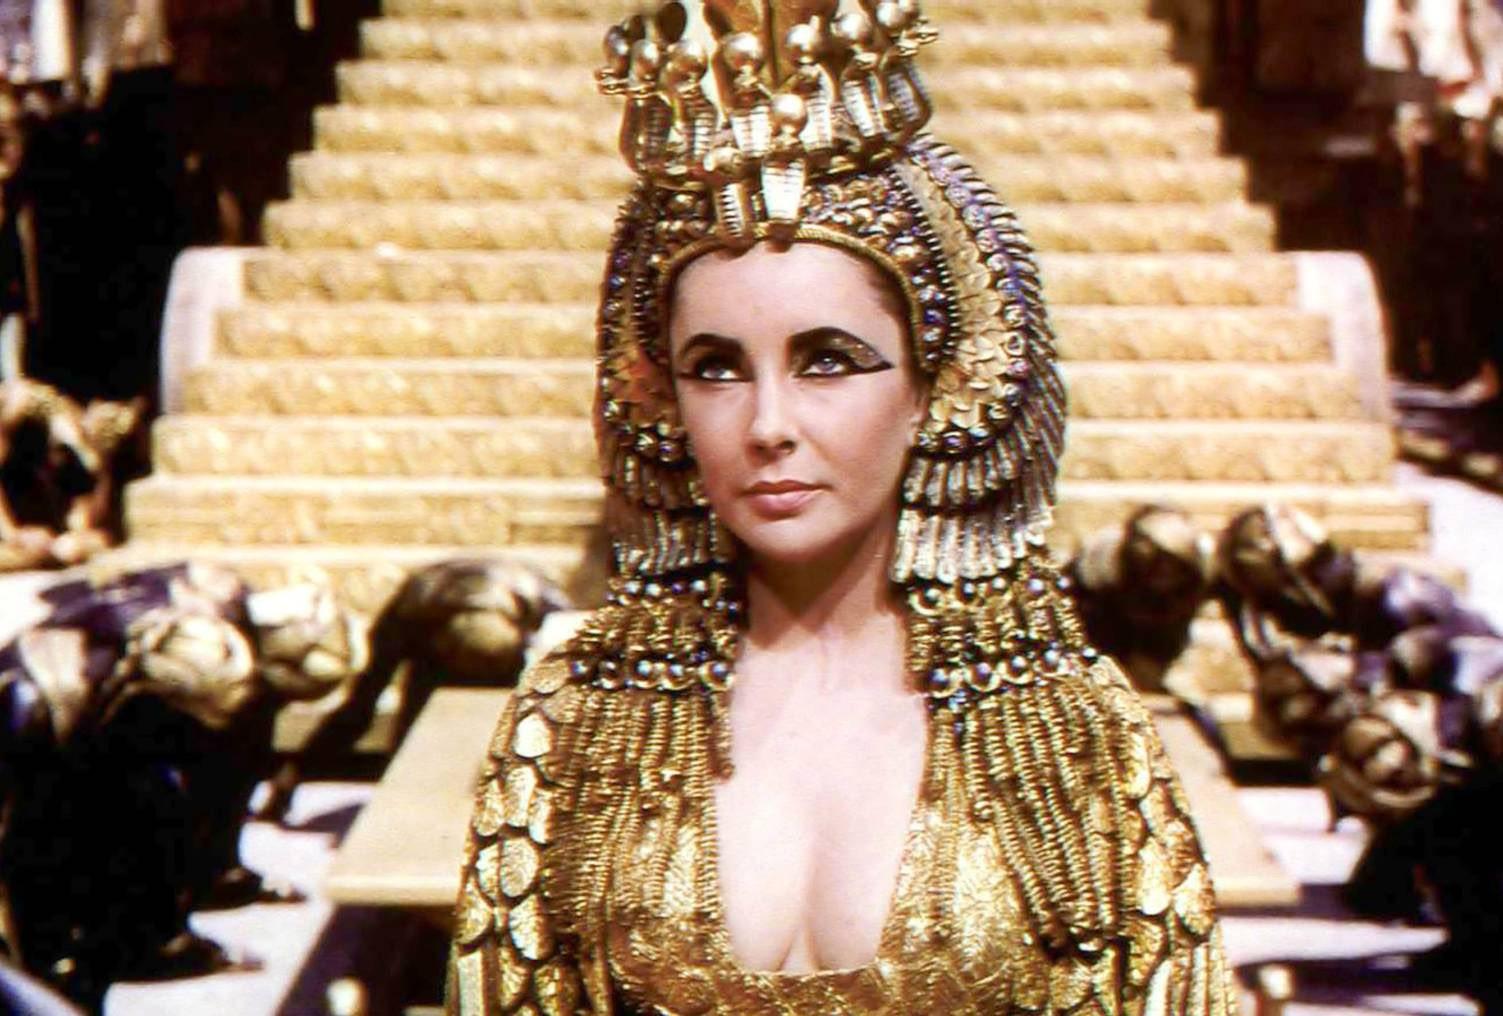 kuwento ni kapitan kokak: Cleopatra's Suicide